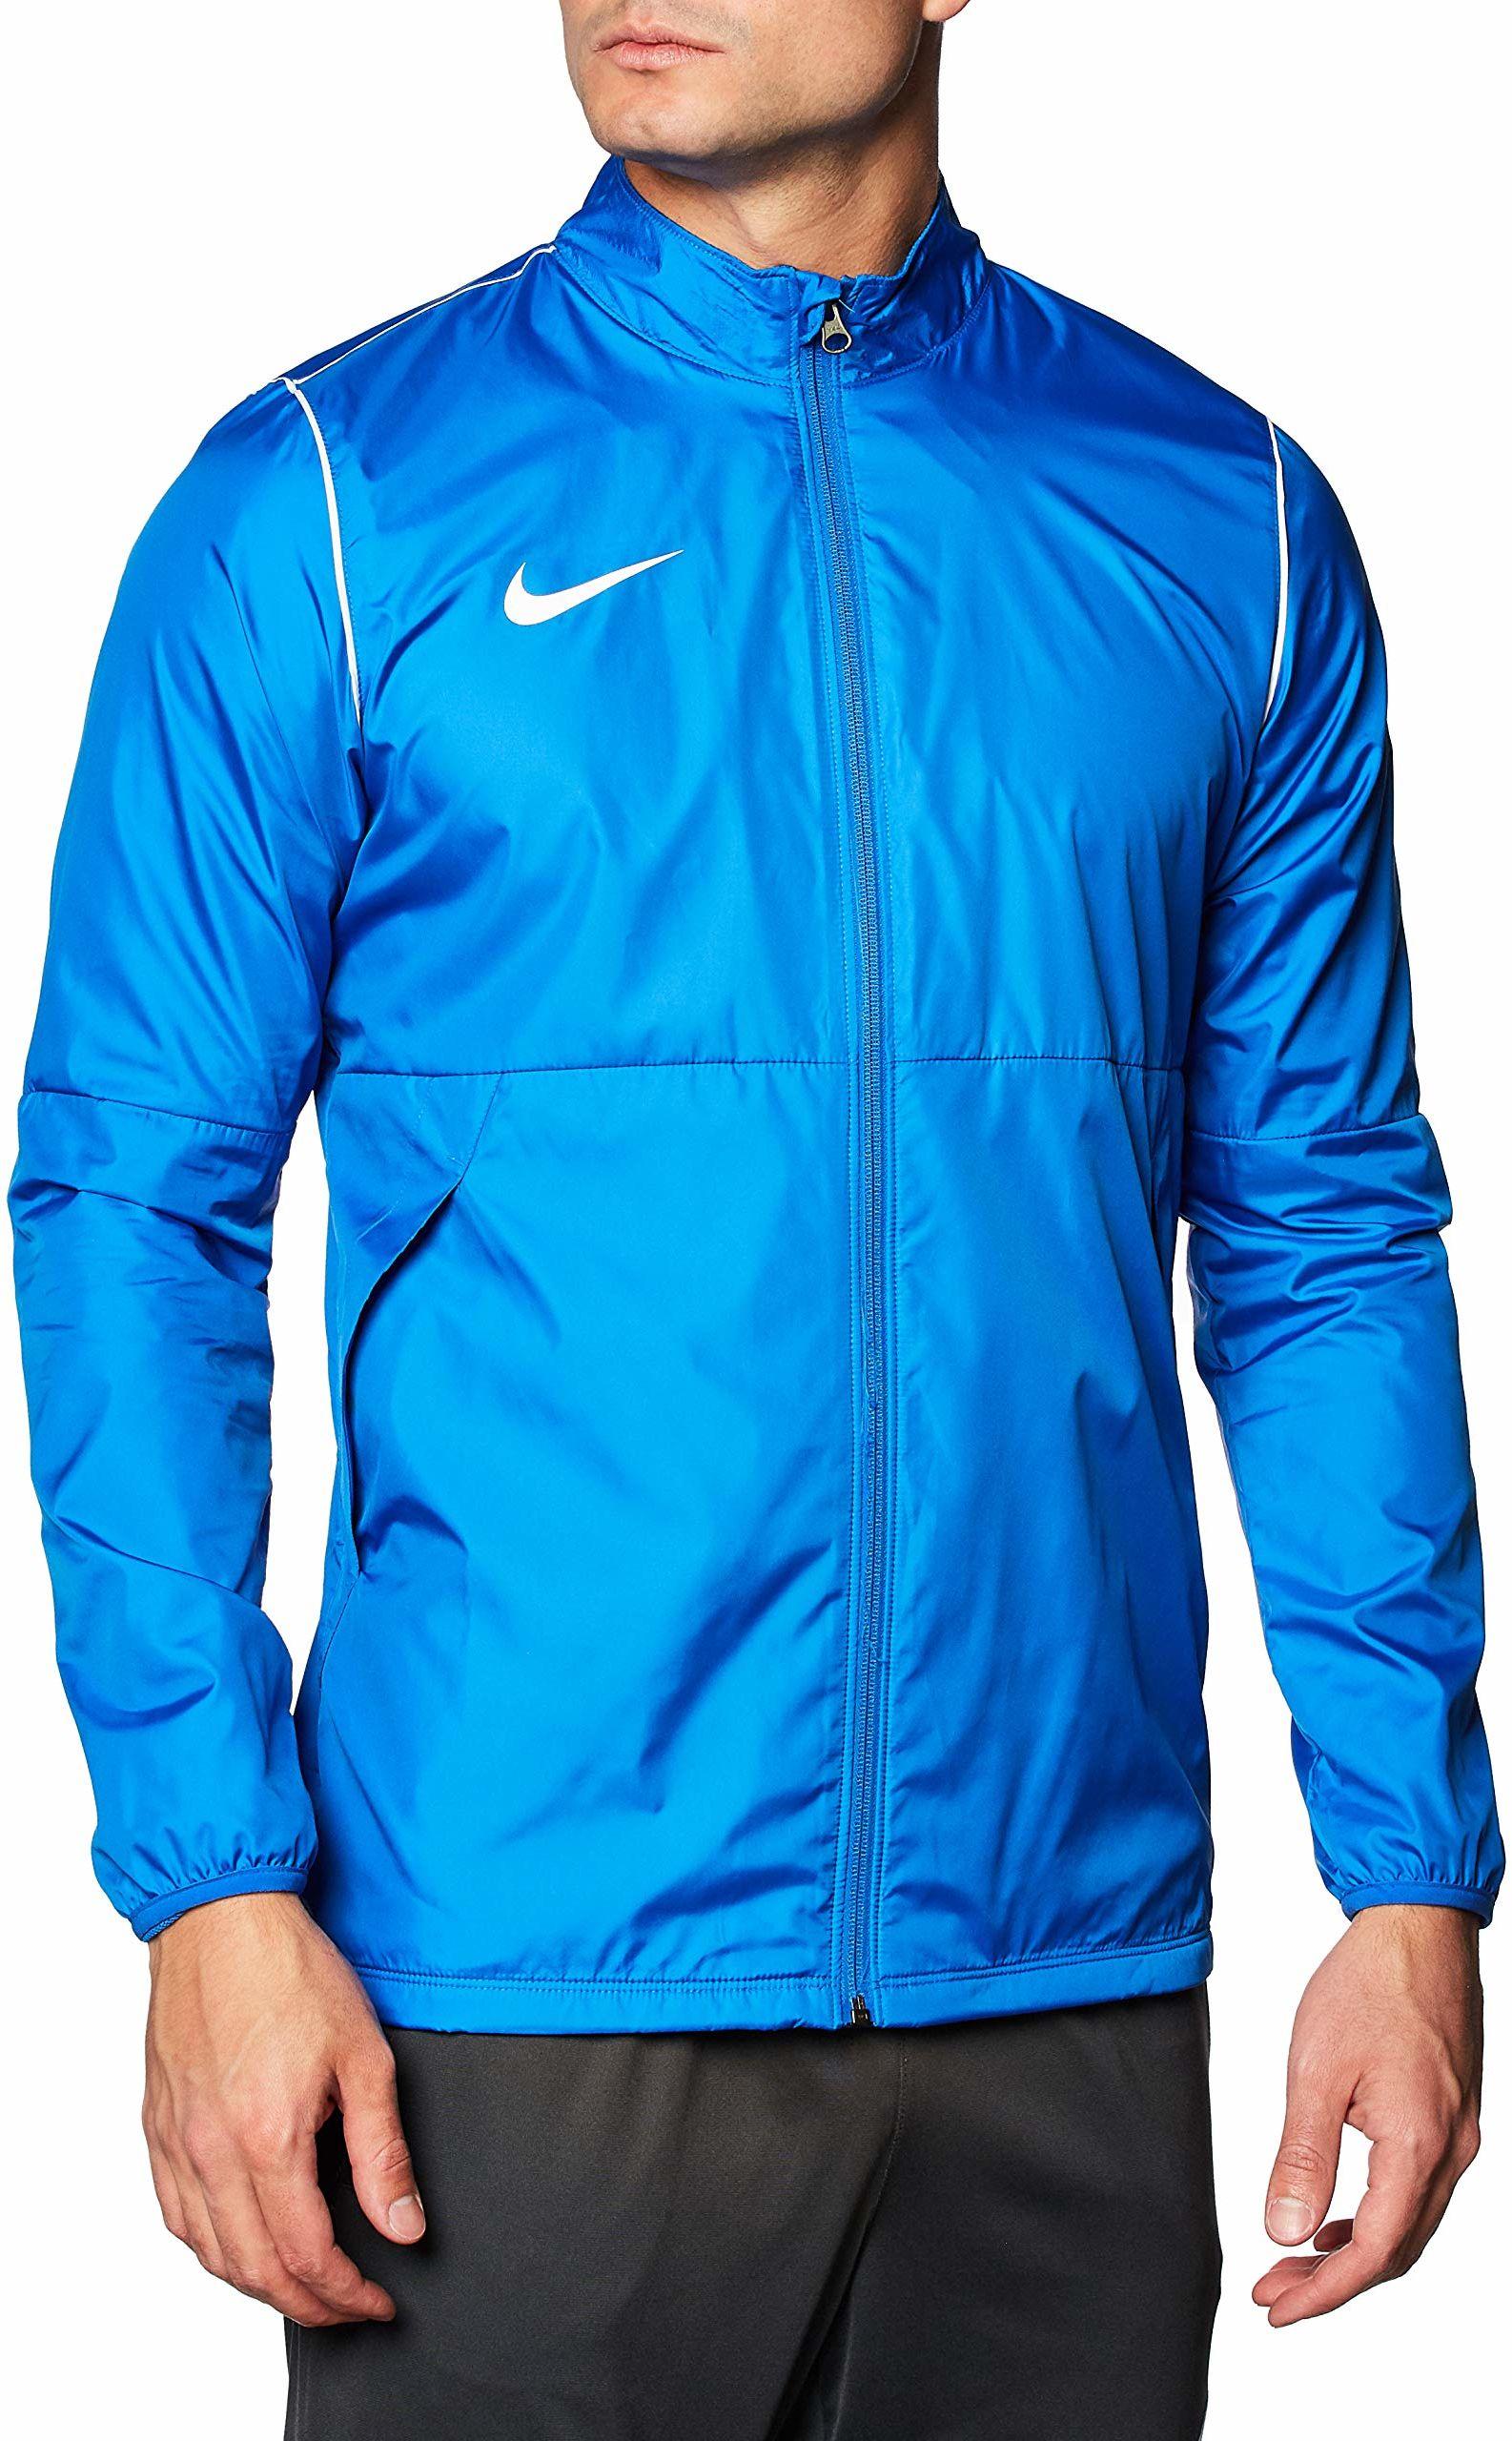 Nike M NK RPL PARK20 RN JKT W kurtka sportowa, royal Blue/White/White, XL